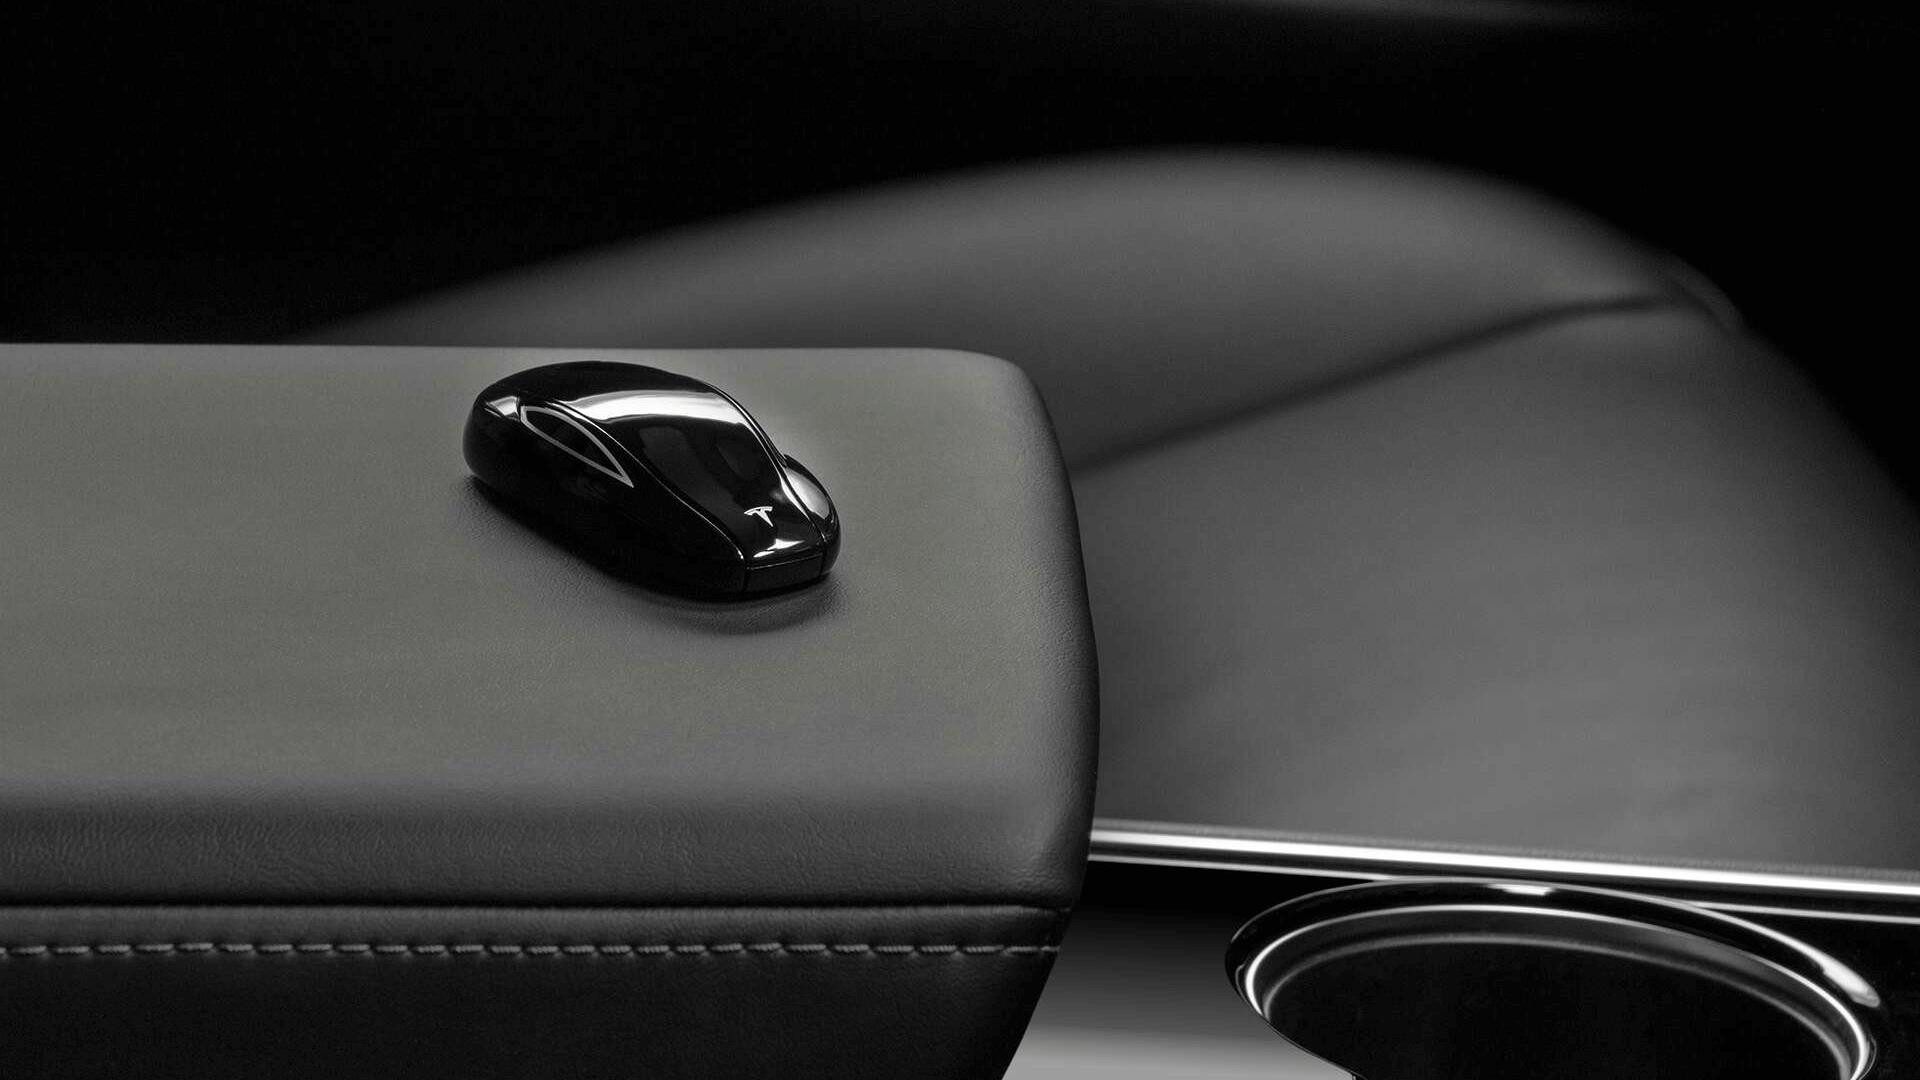 Tesla Model 3 Key Fob 遙控召喚教學、日常使用方式